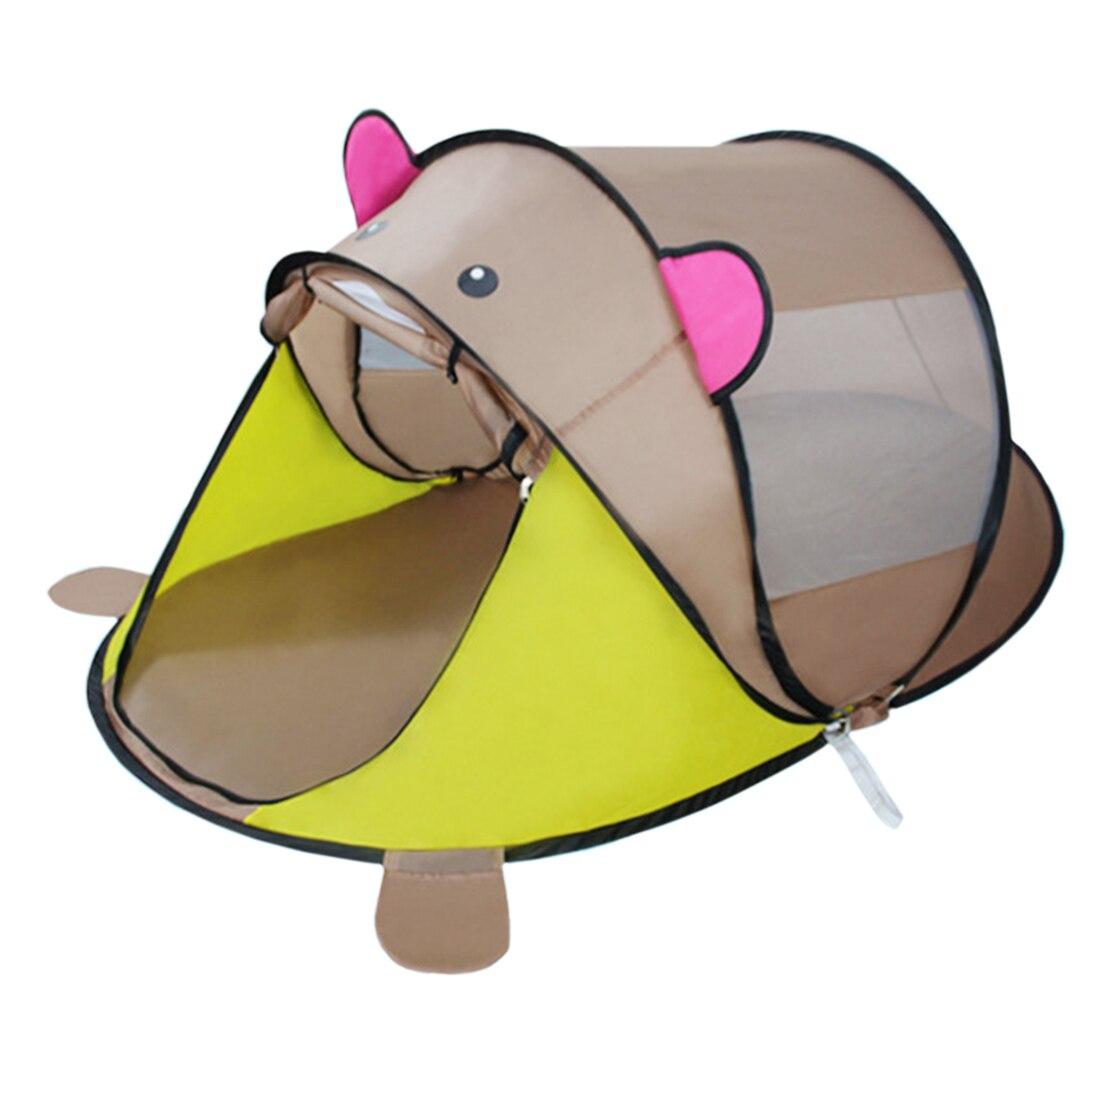 Tente de jeu en plein air tente Portable tente de jeu de bande dessinée pour les enfants jouant au jeu de balle Playhouse-ours gris